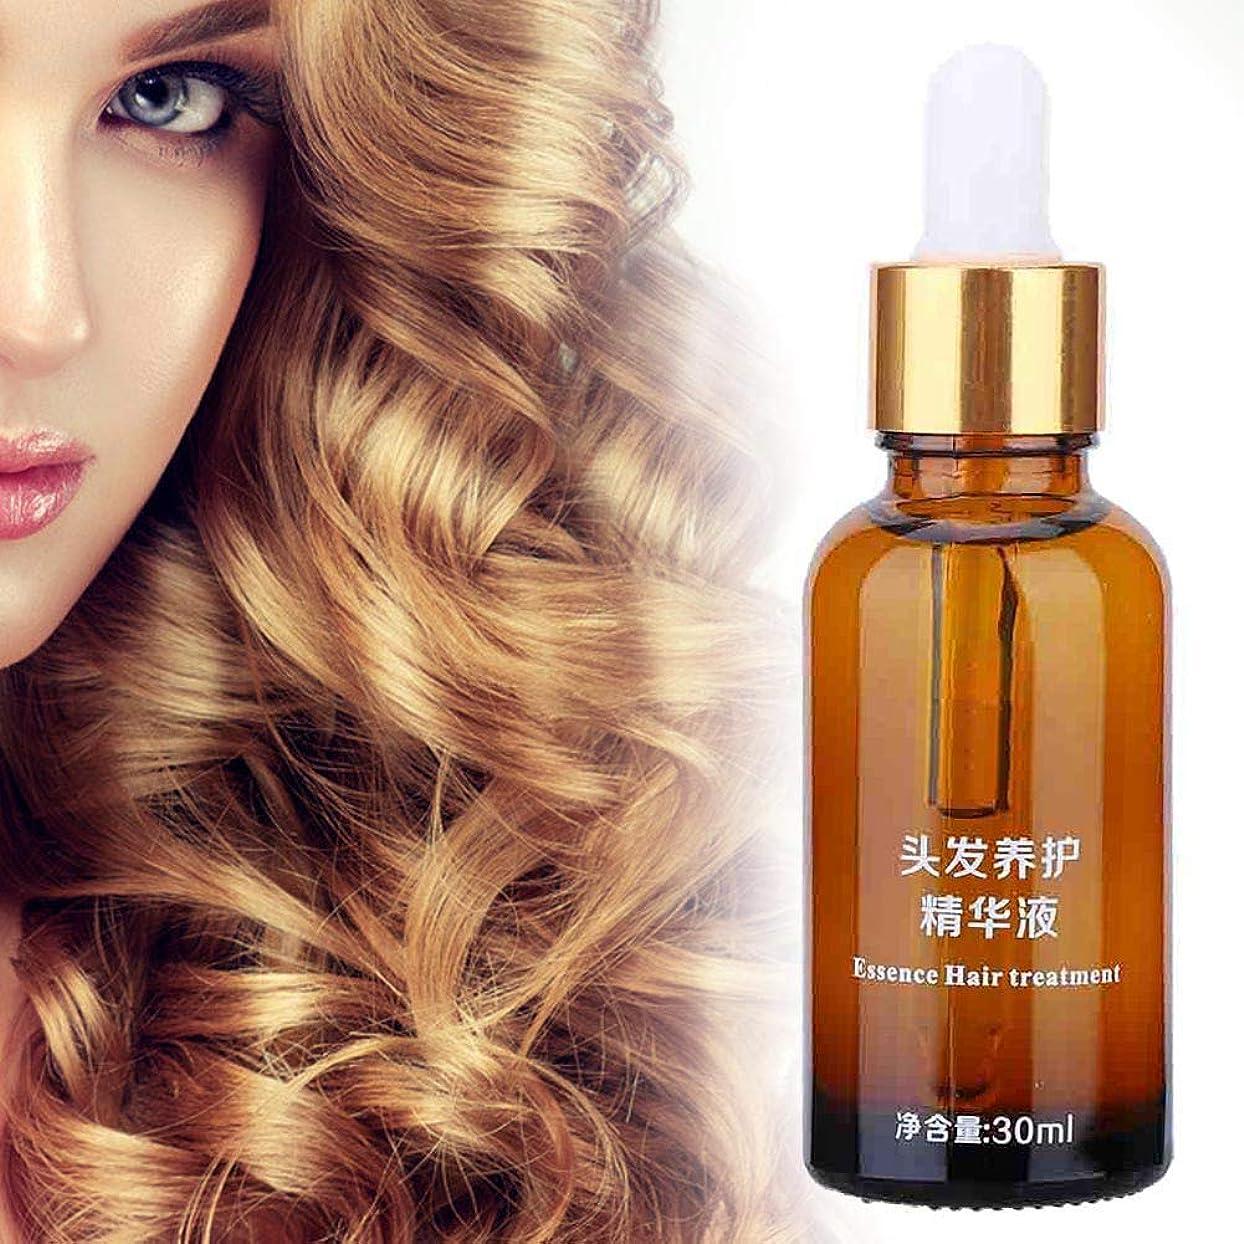 ダブル失速尊敬するヘアエッセンシャルオイル、頭皮の養毛を強化する毛根の乾燥によるダメージを減らしますヘアリペアエッセンシャル液体30ミリリットル